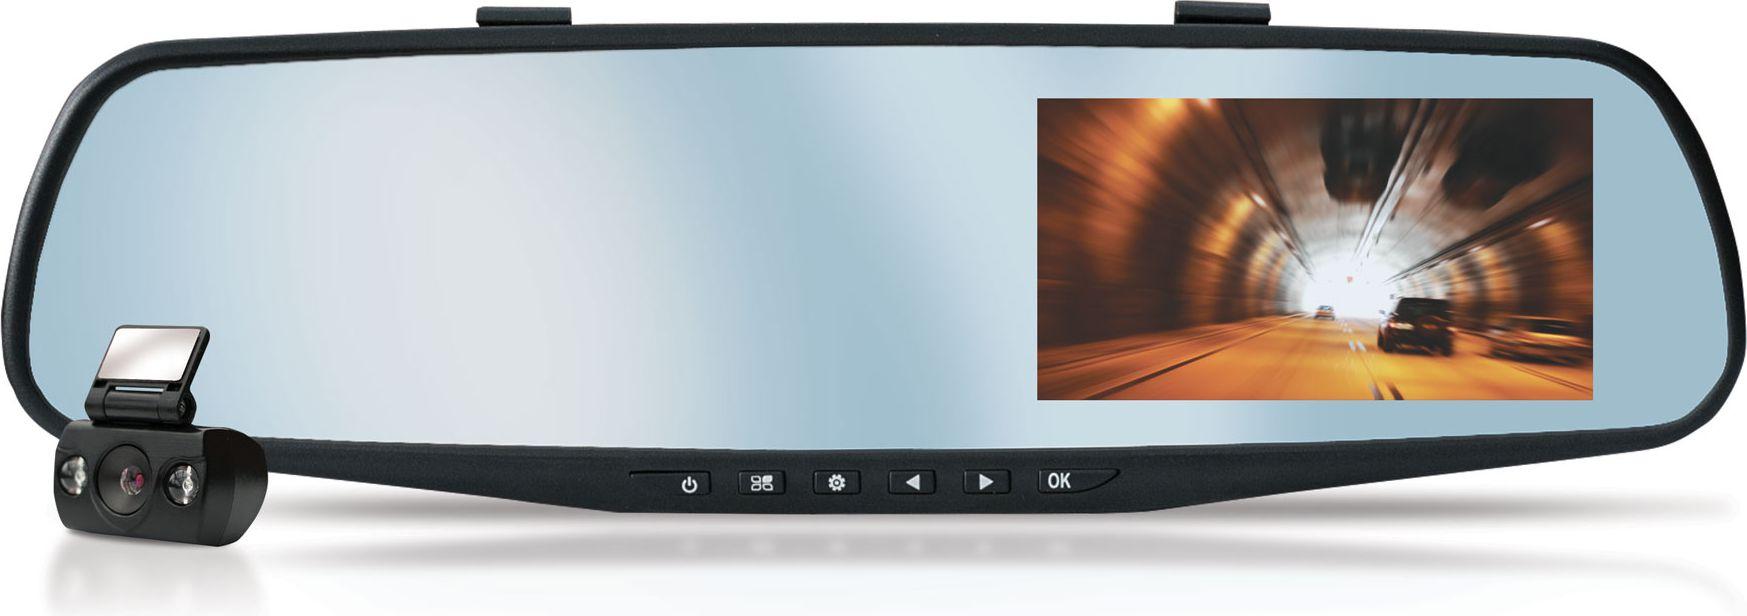 XBLITZ PARK VIEW videoreģistrātors